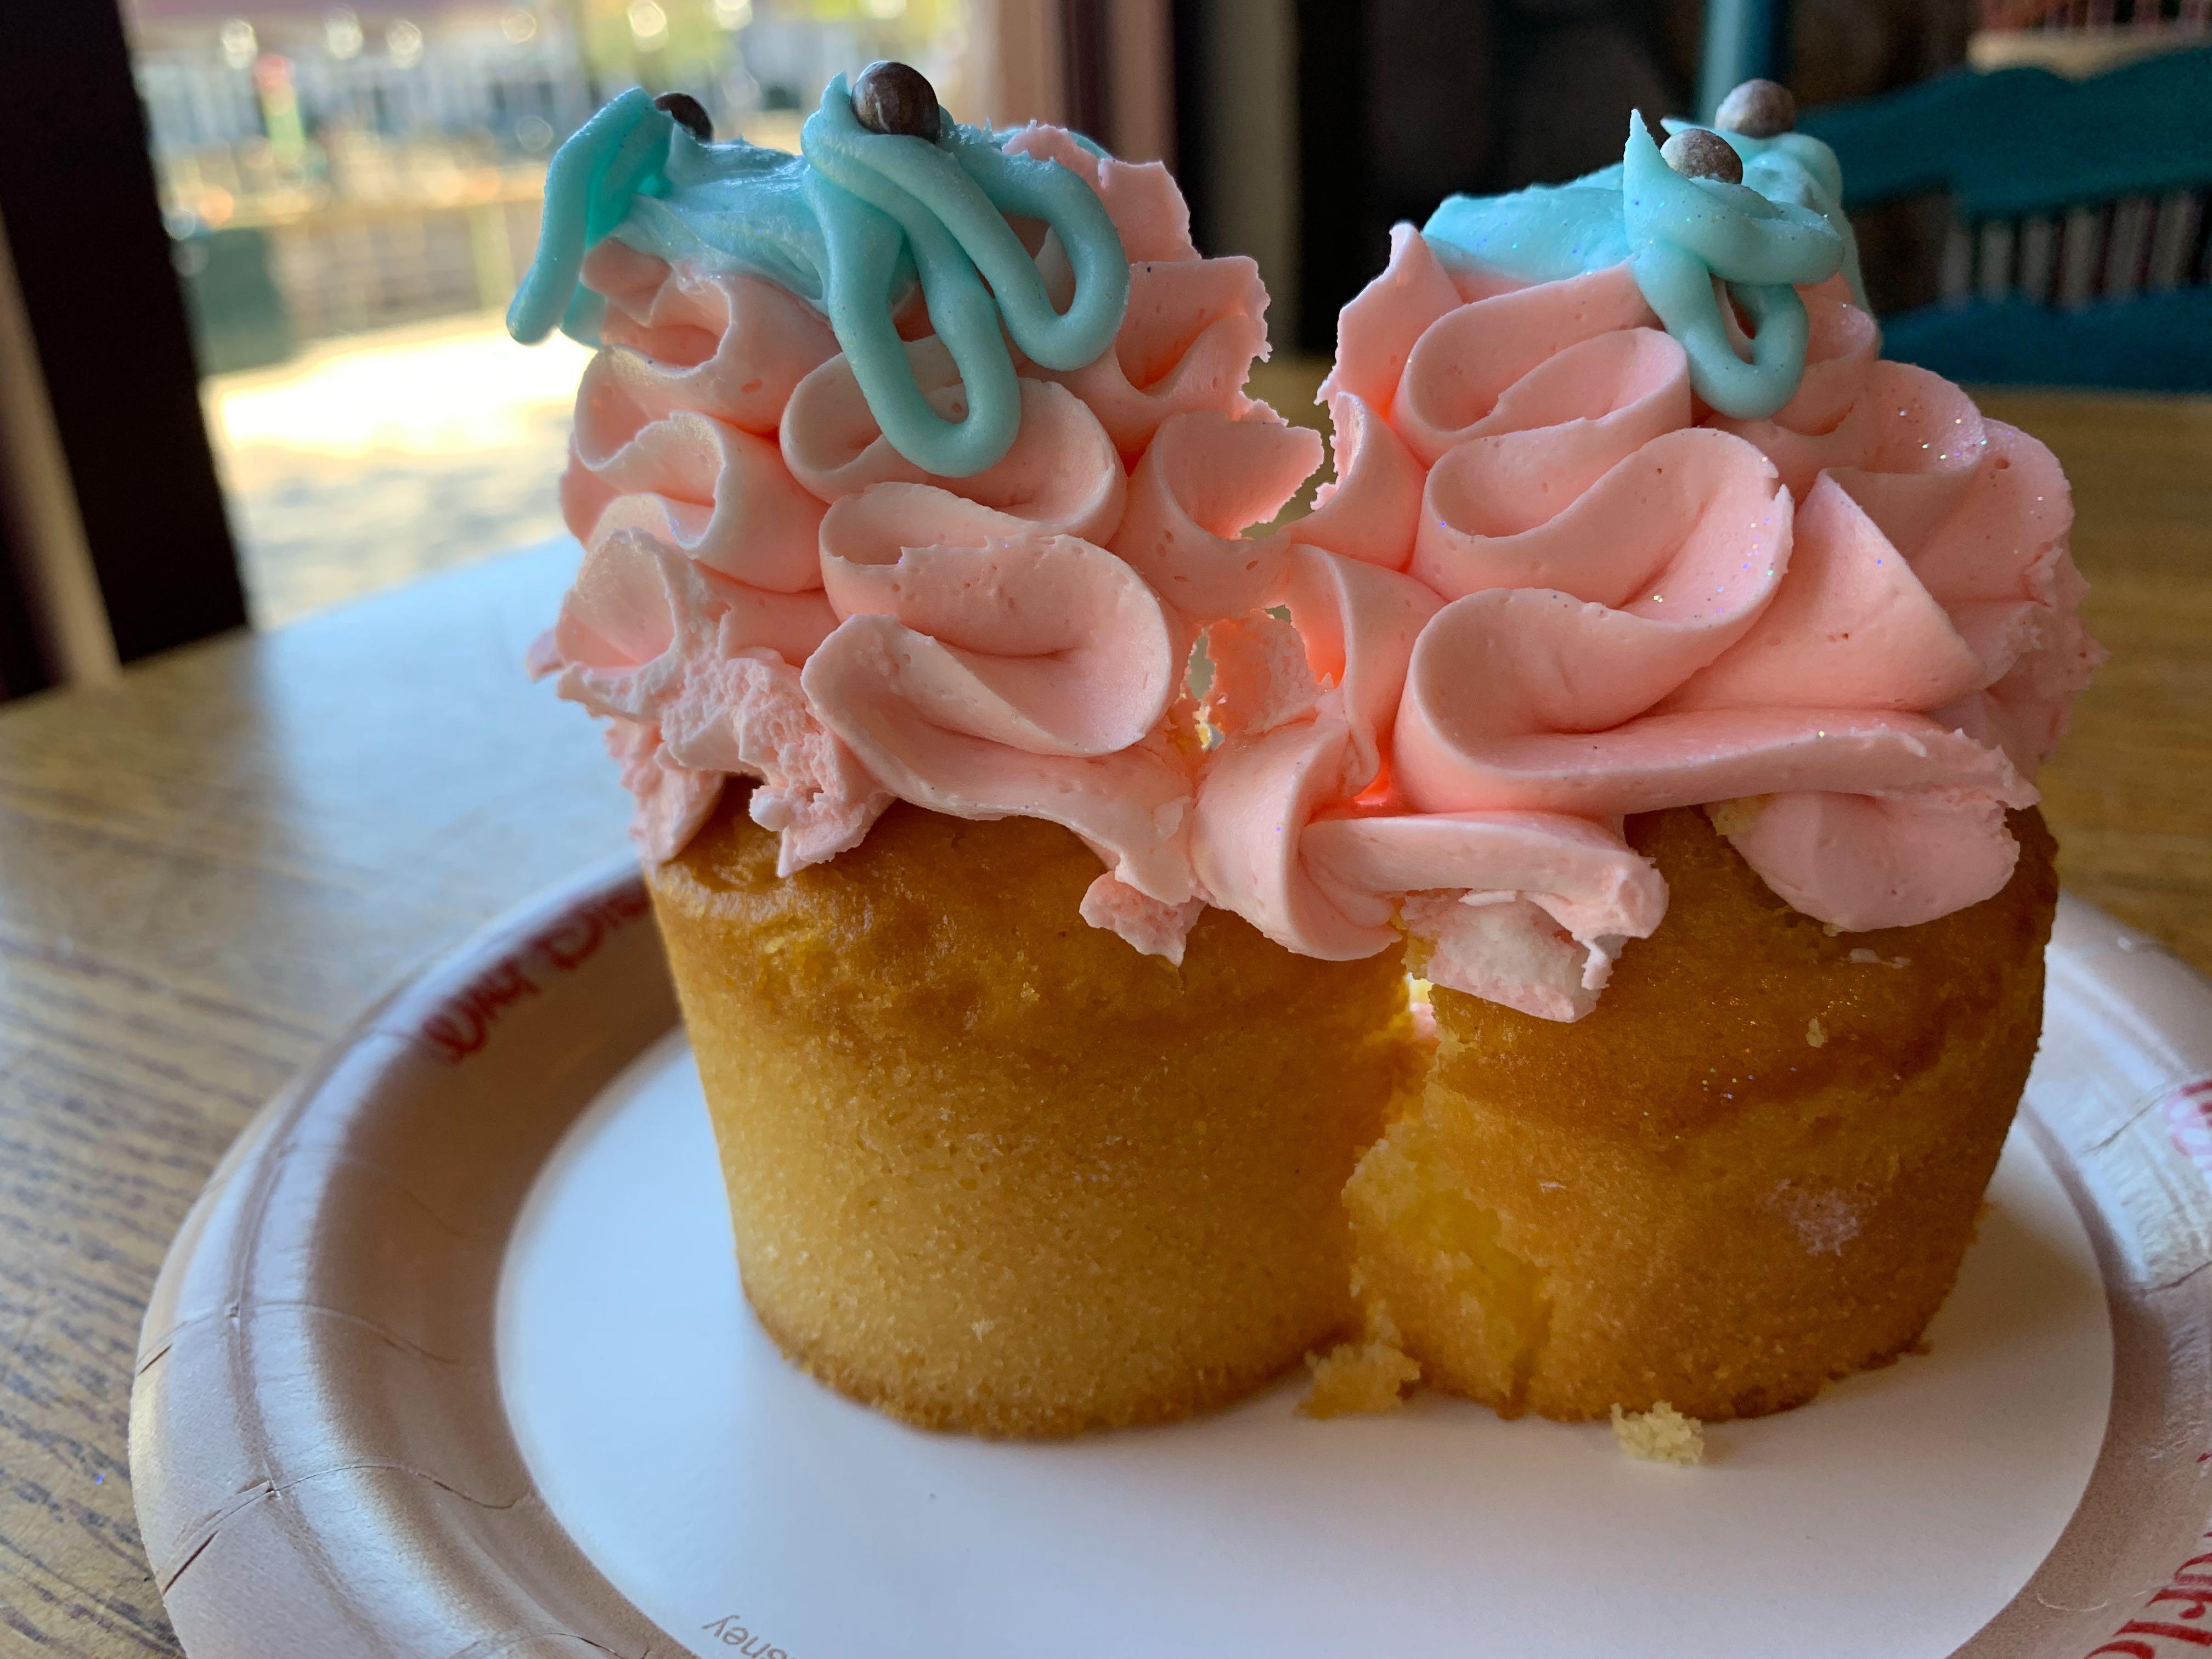 cinderella-cupcake-riverside-02-02-2020-2.jpg